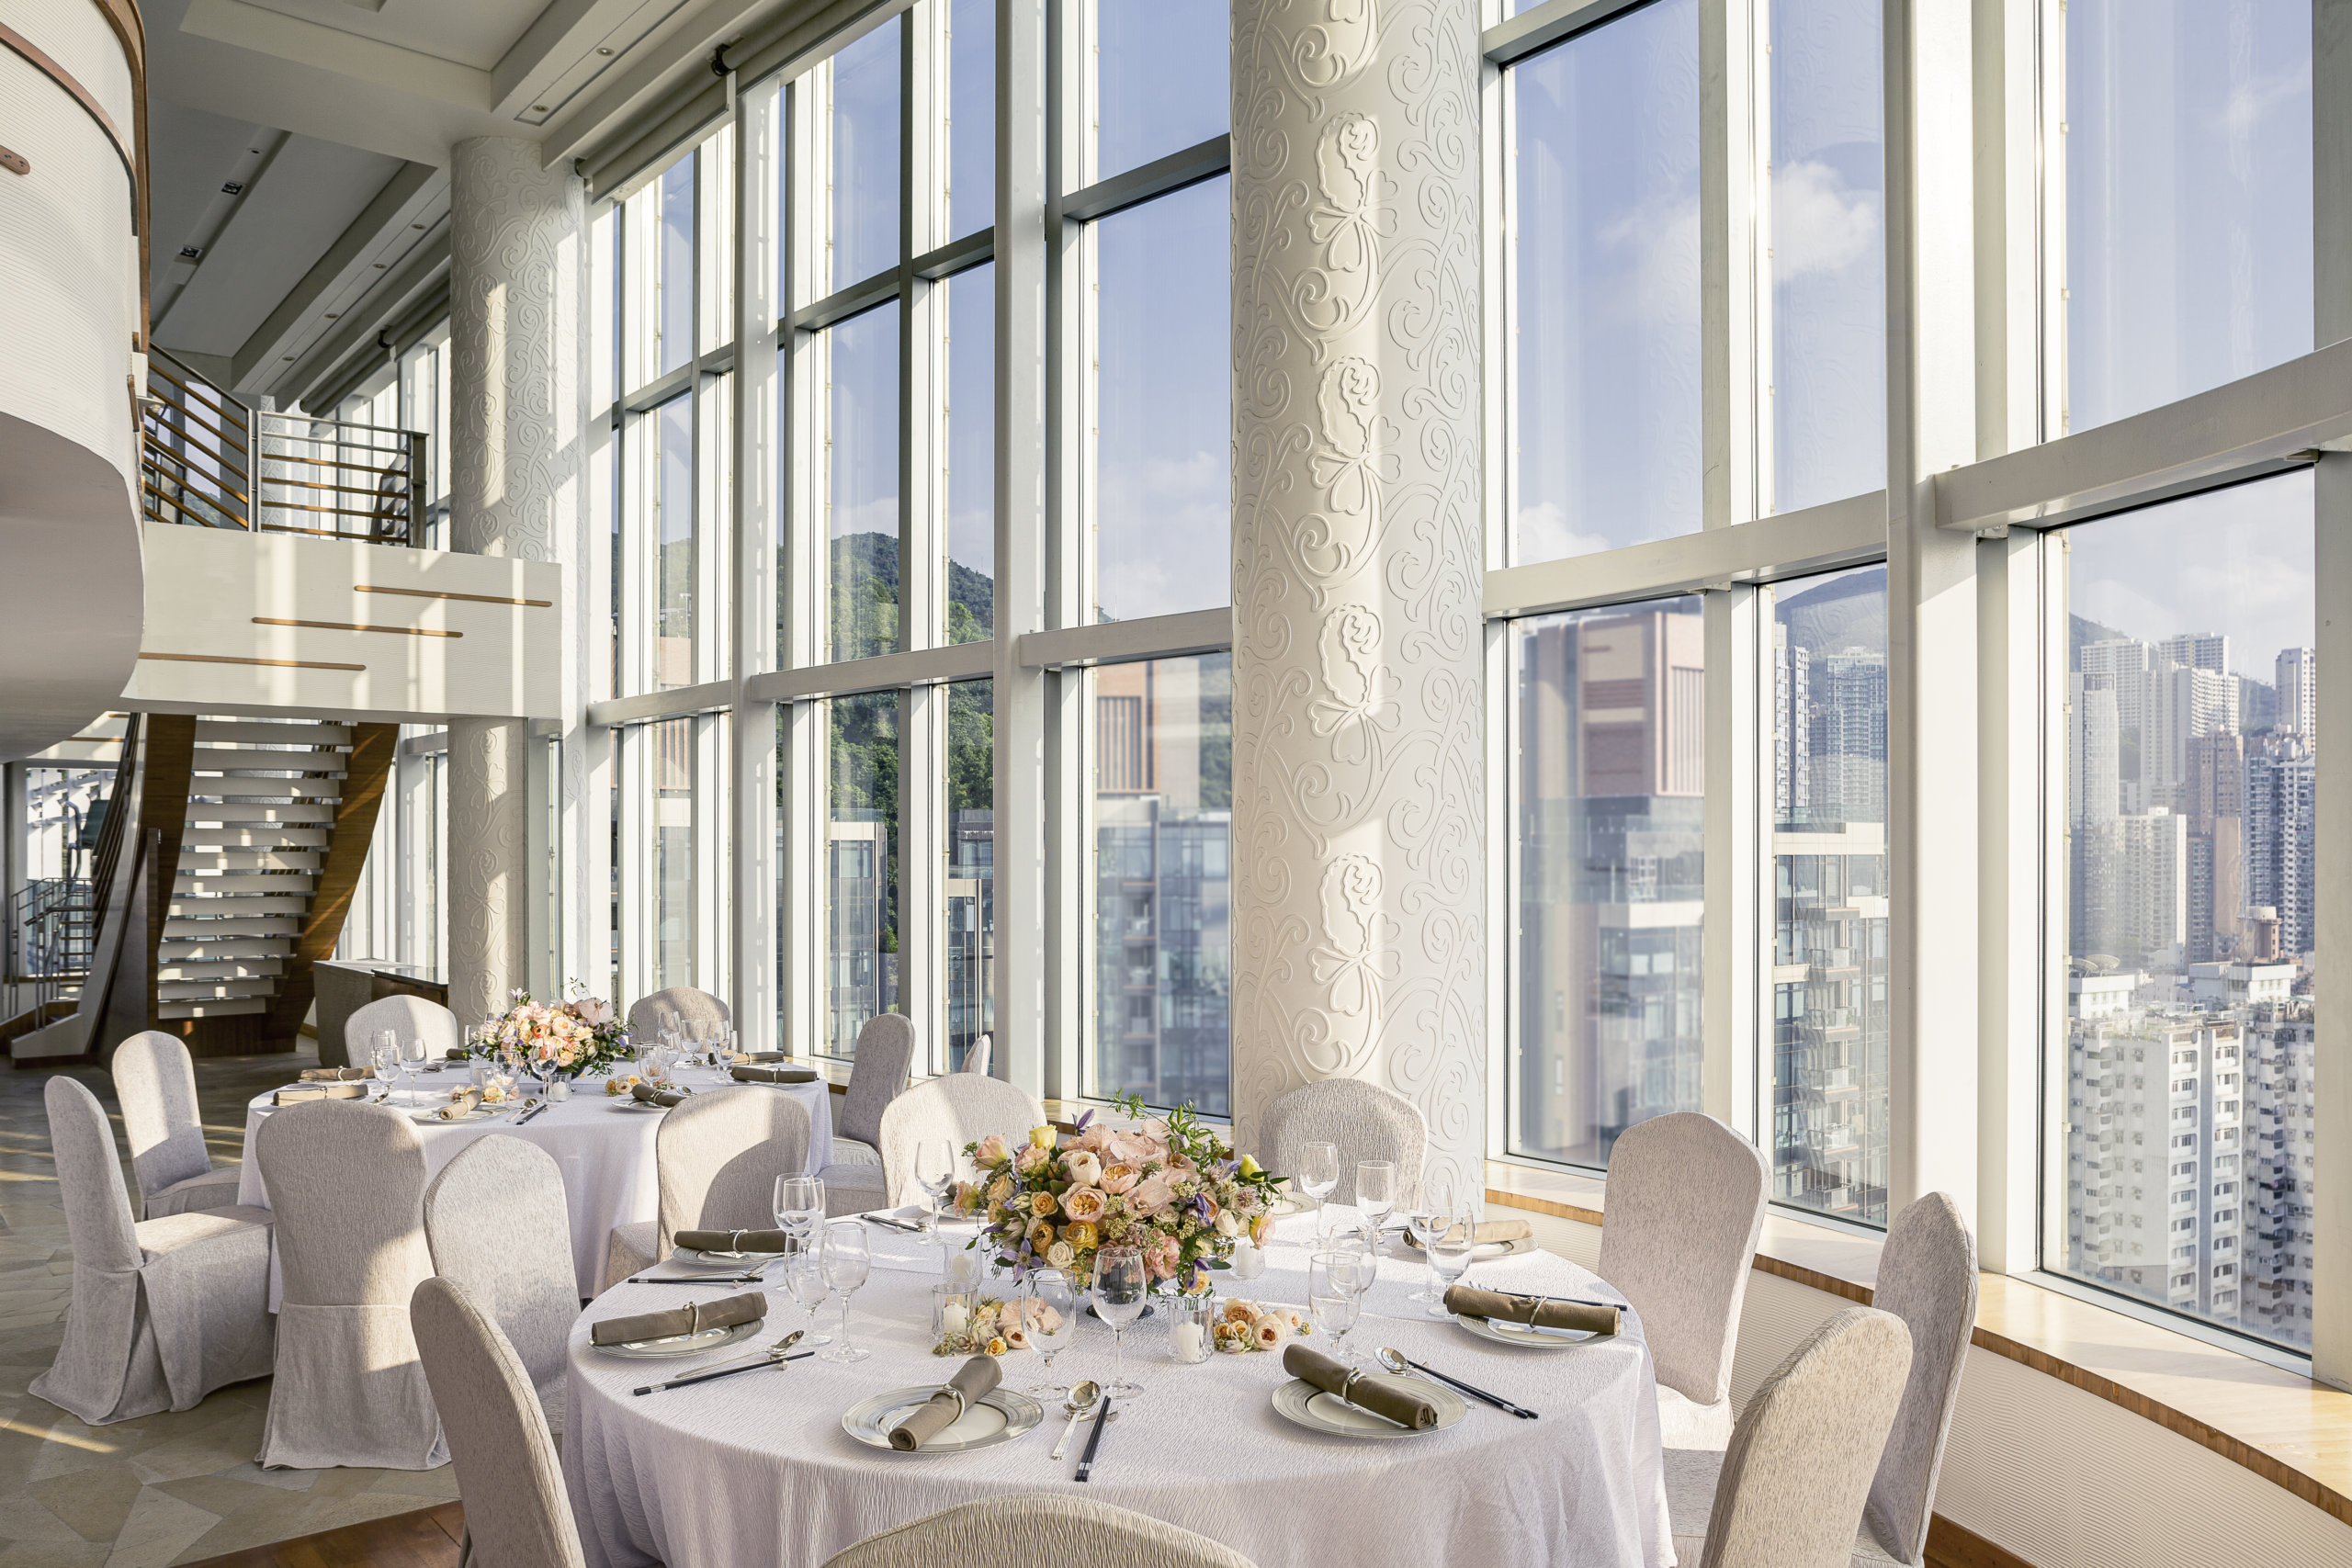 因應素食需求日益增加,如心酒店將提供綠色婚宴菜譜,由多款環保素菜薈萃而成,由賣相、味道到口感都一樣出色。